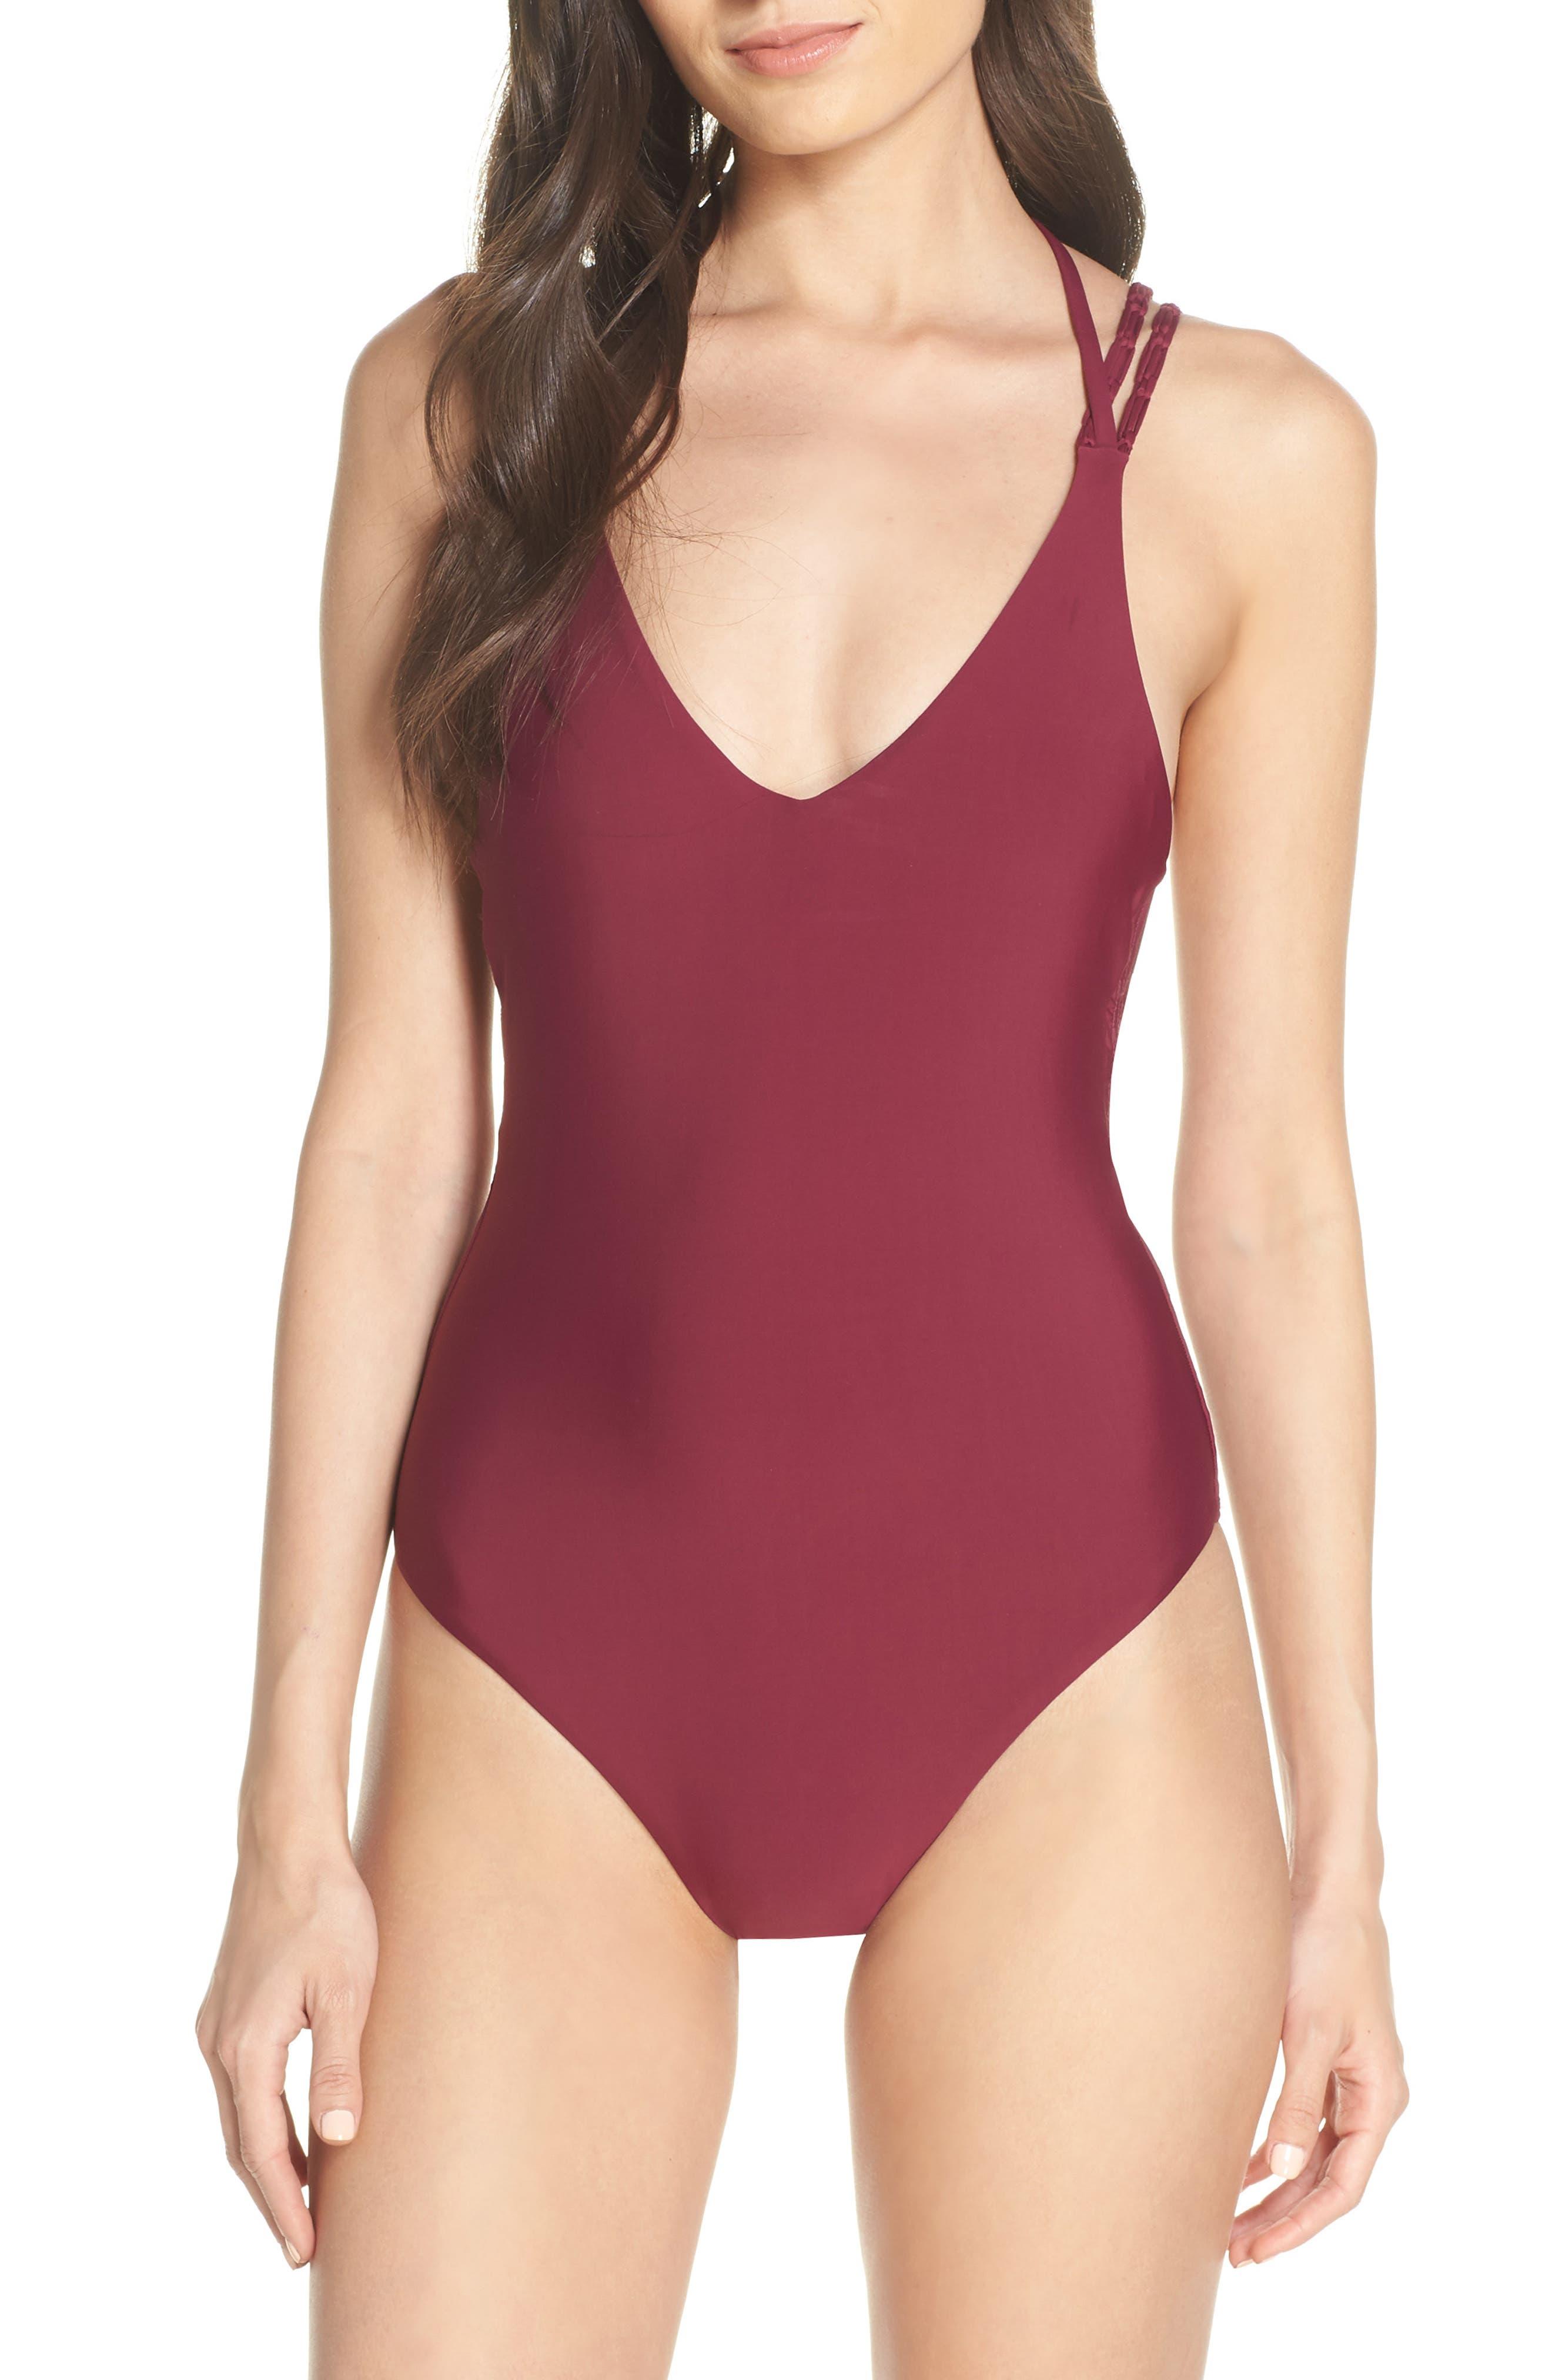 Pilyq Mia One-Piece Swimsuit, Burgundy